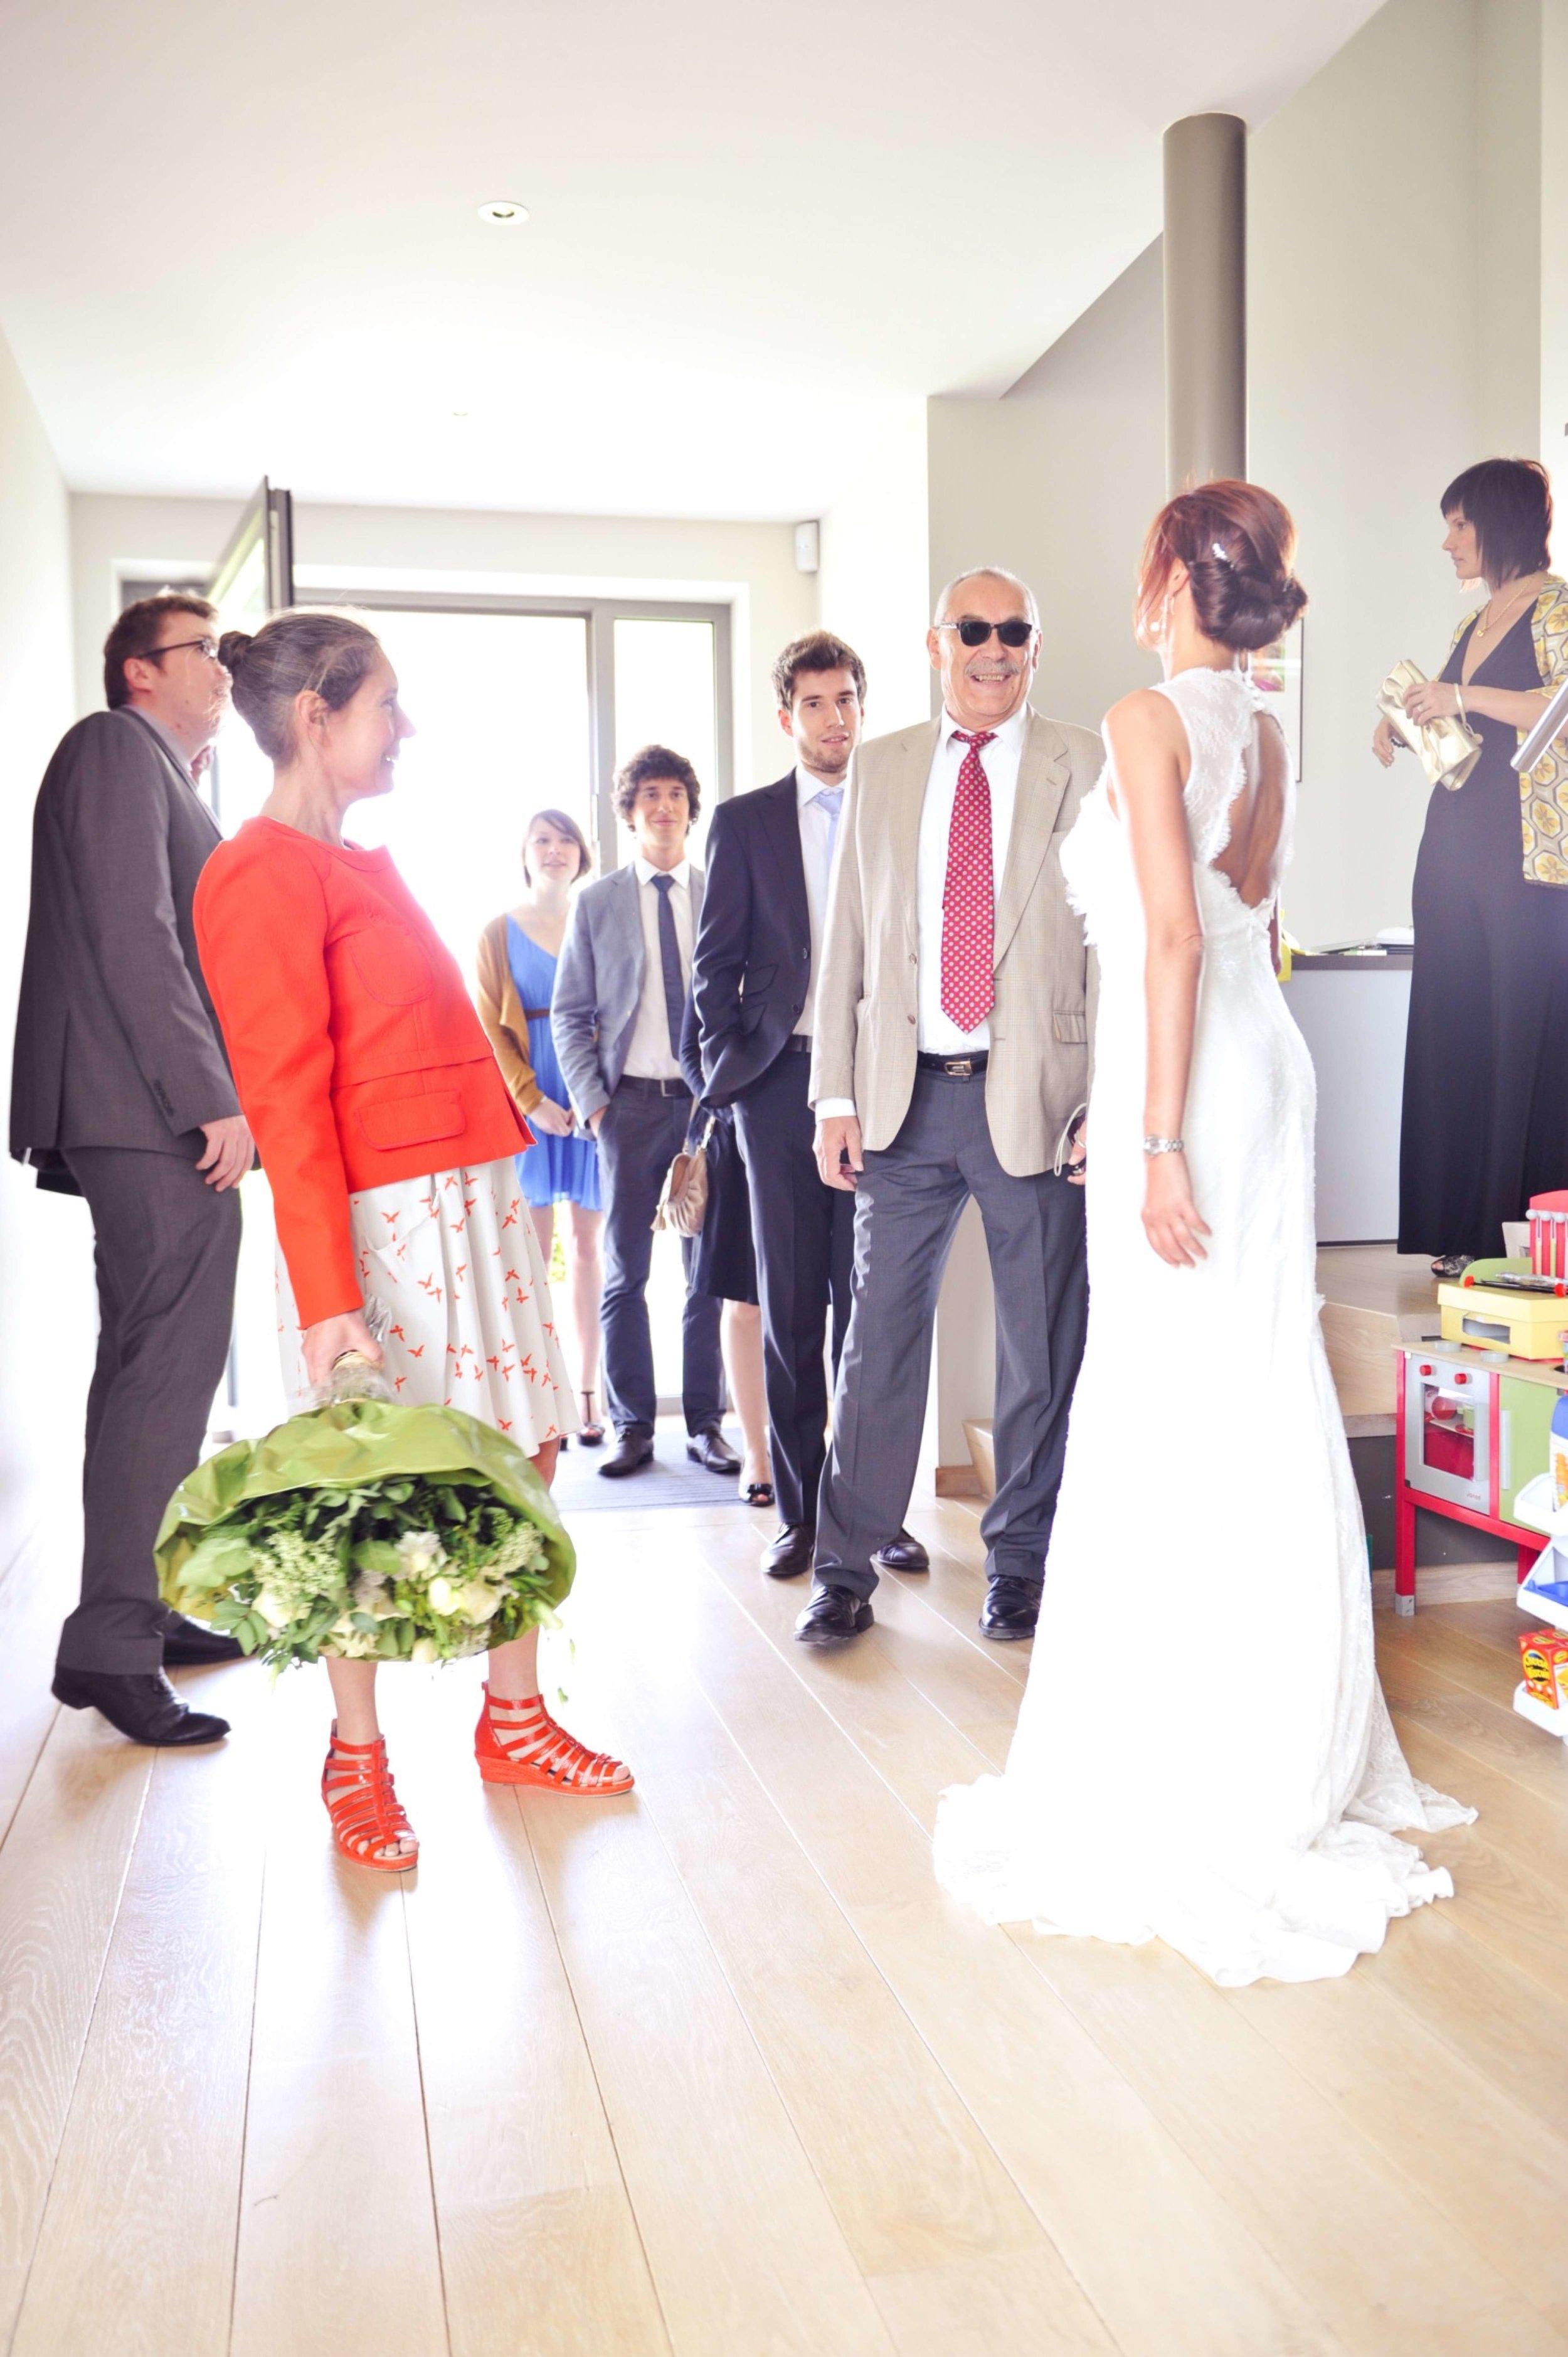 Bart Albrecht fotograaf photographer belgium belgie anbtwerpen antwerp wedding huwelijk huwelijksfotograaf trouwfotograaf trouw bruid bruidegom trouwkleed ceremonie weddingdress topphotographer topfotograaf beste best top 10 150.jpg